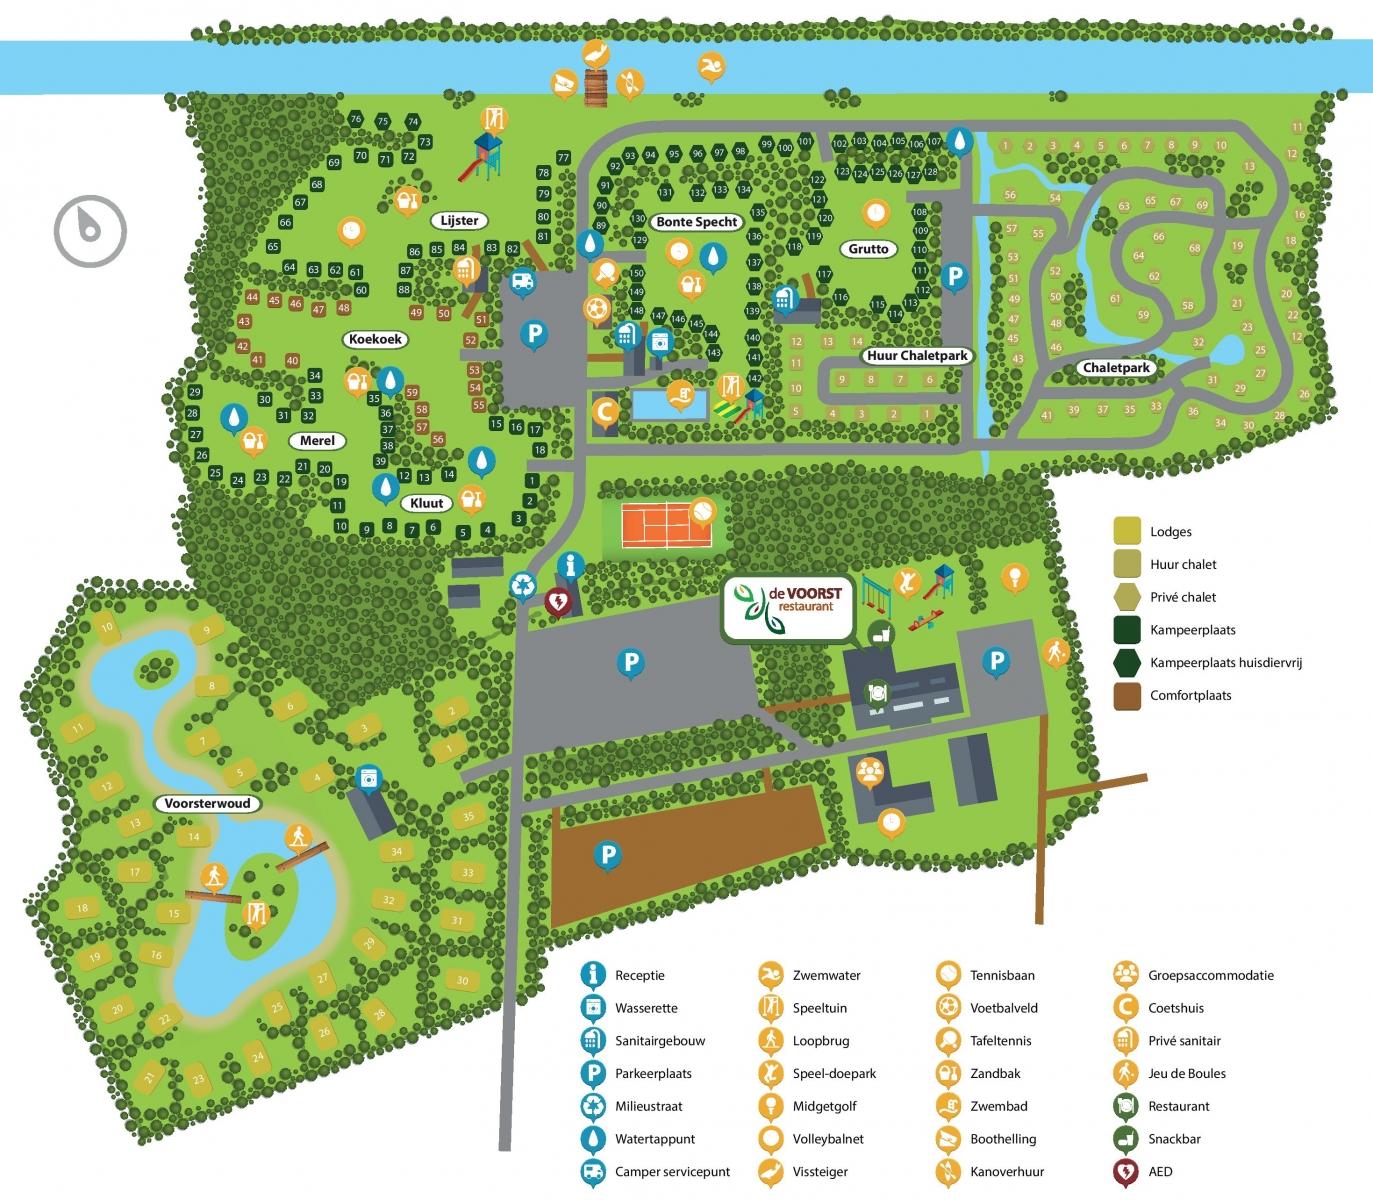 Recreatiepark De Voorst